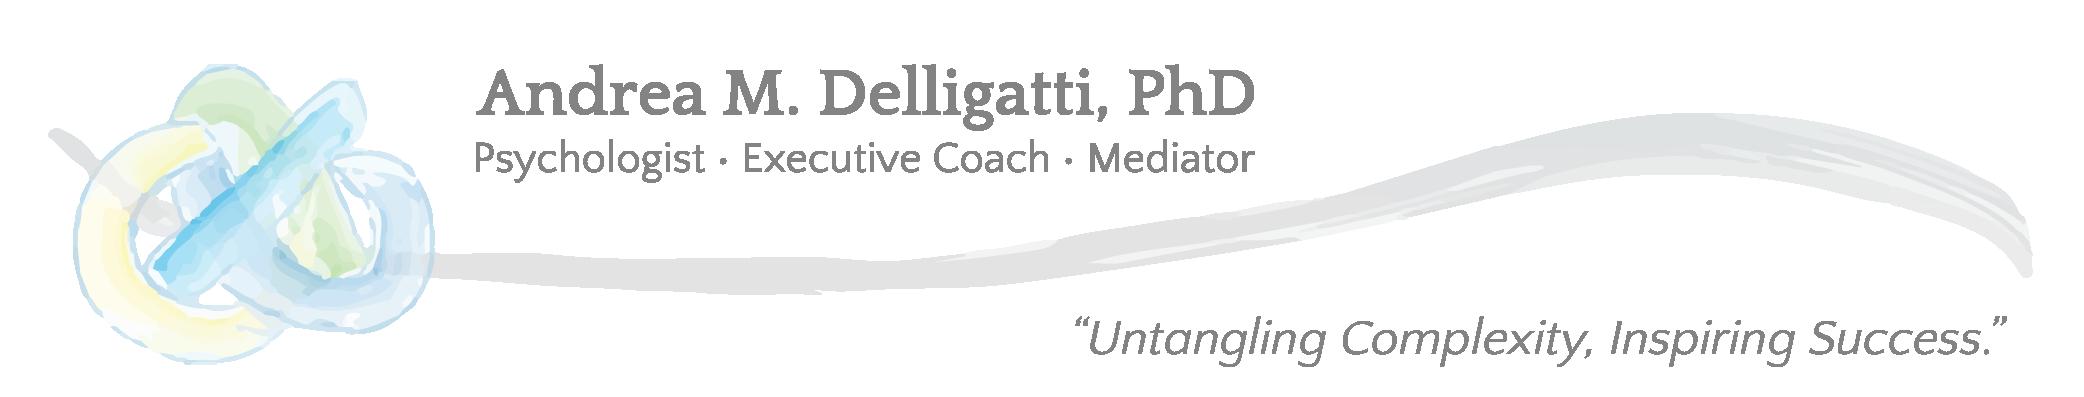 Delligatti logo with swoosh 6-18-2019 non-editable text-01.png